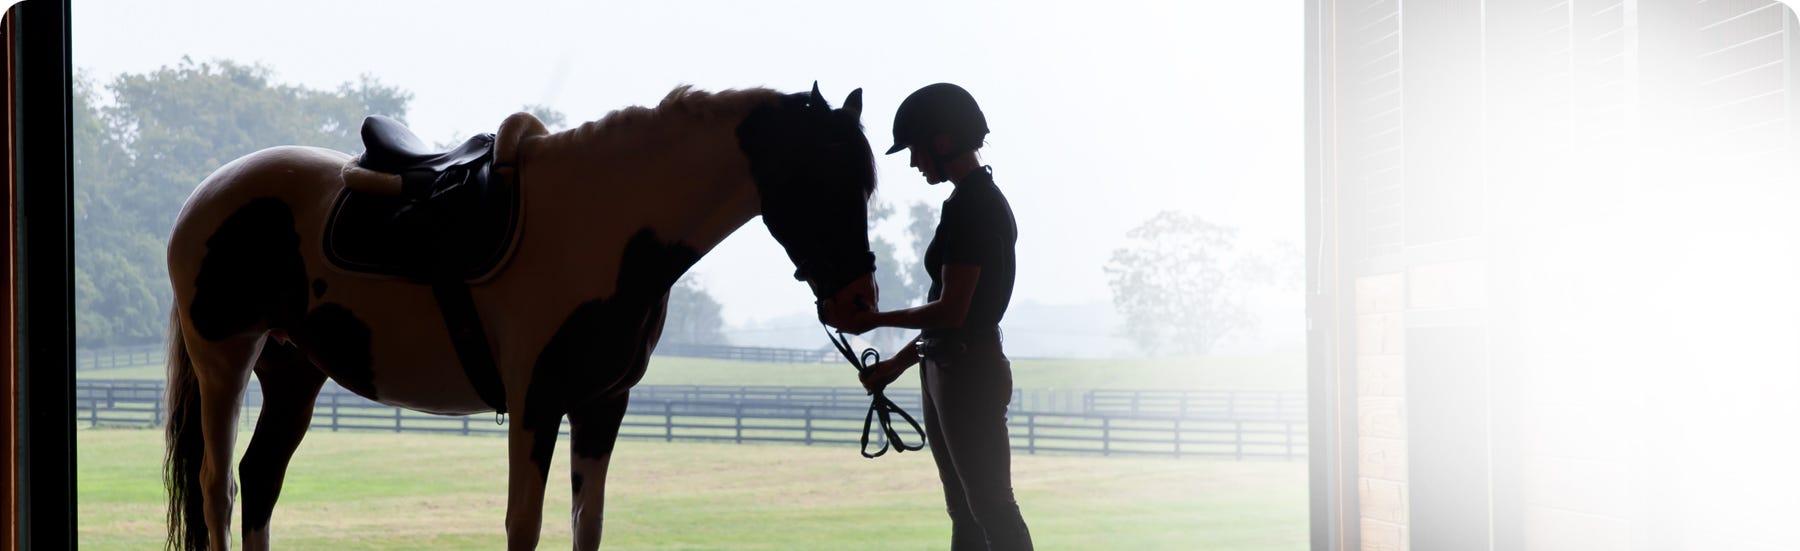 Horse First Aid